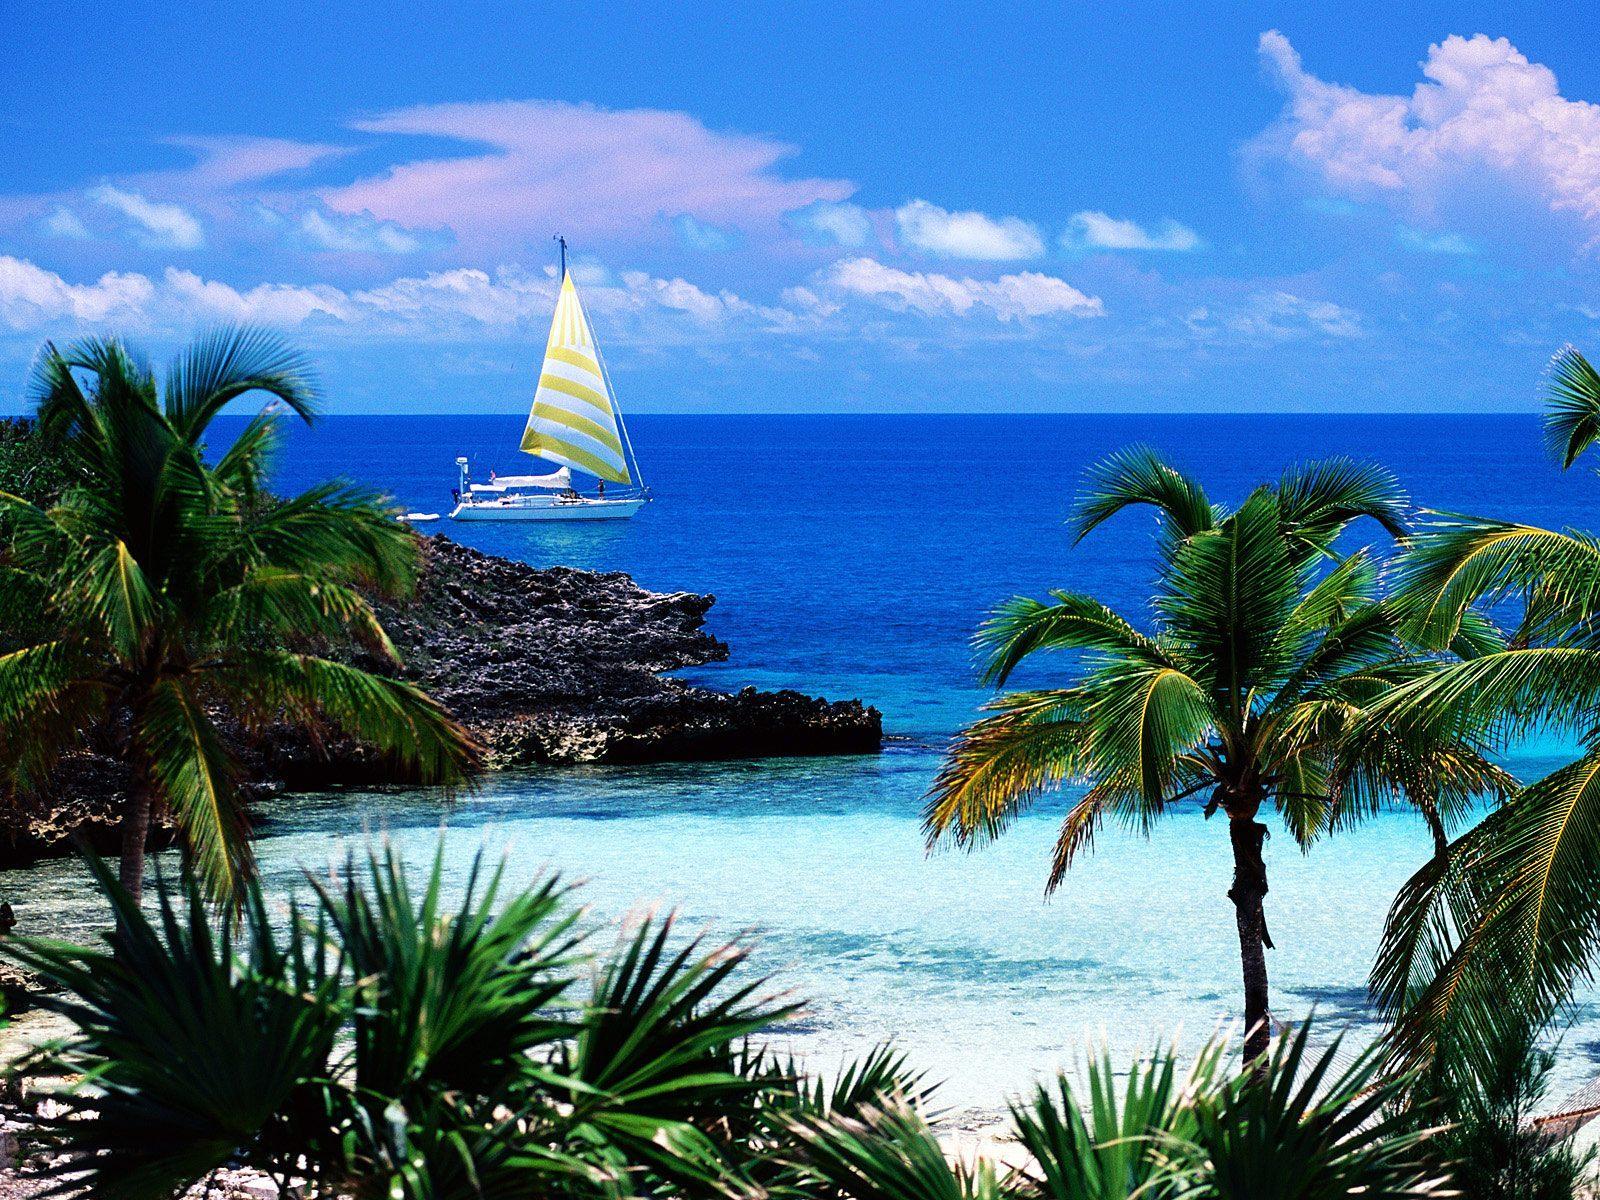 12236 Заставки и Обои Яхты на телефон. Скачать Пейзаж, Вода, Море, Яхты, Пальмы картинки бесплатно